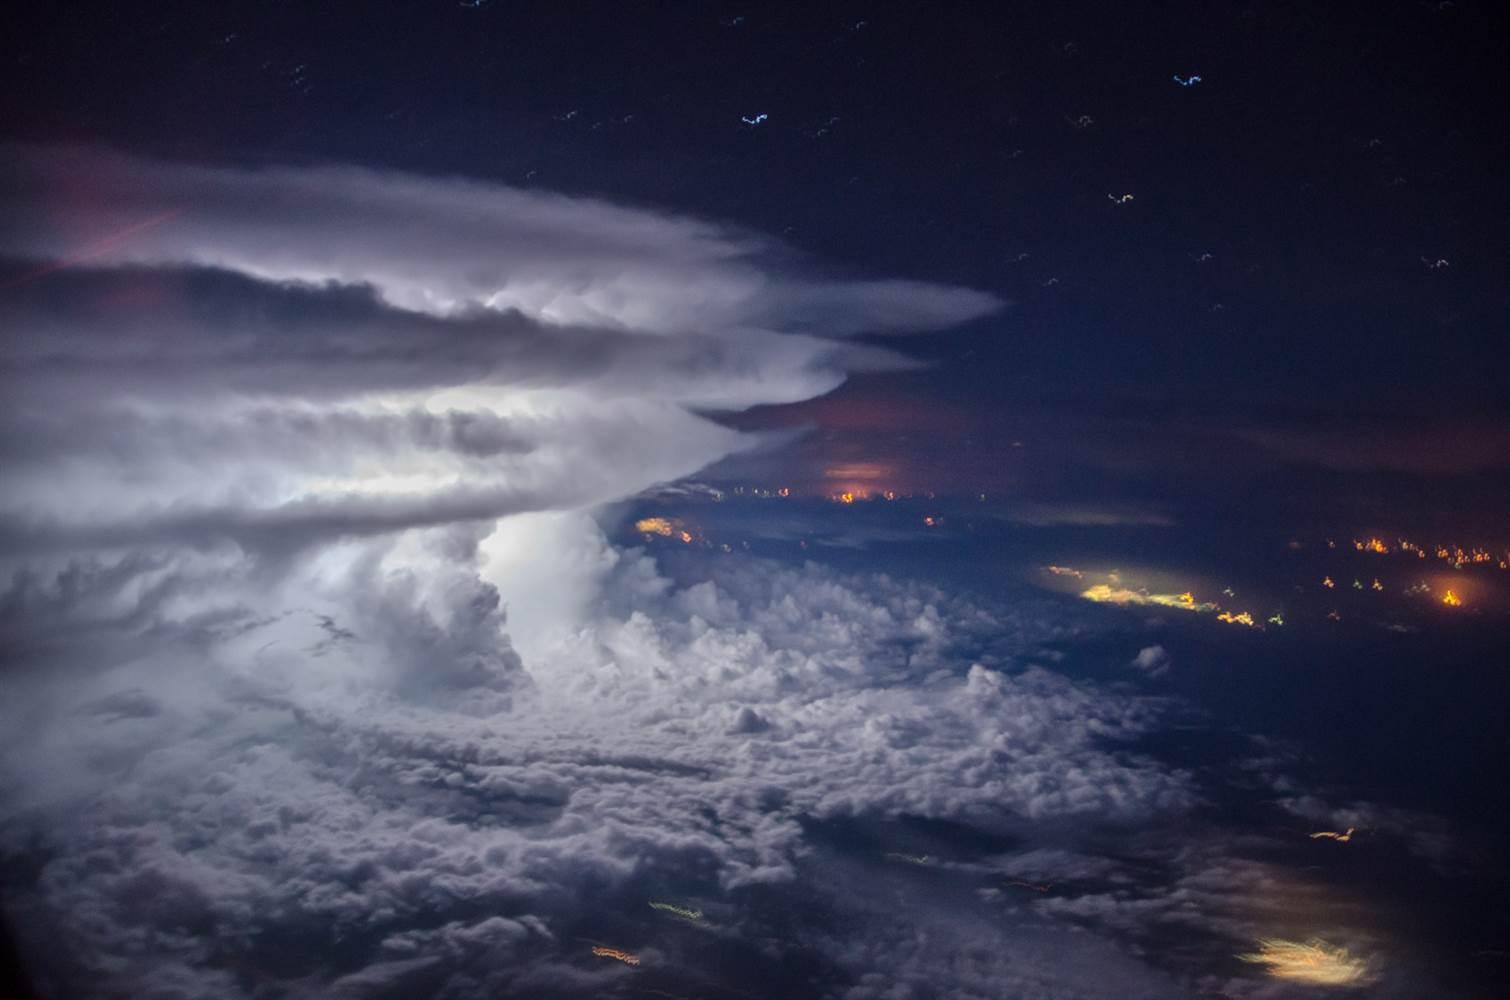 160711-tormenta-borja-mdl_d76e4d387cdb934aba4922df7ad70389.nbcnews-ux-2880-1000